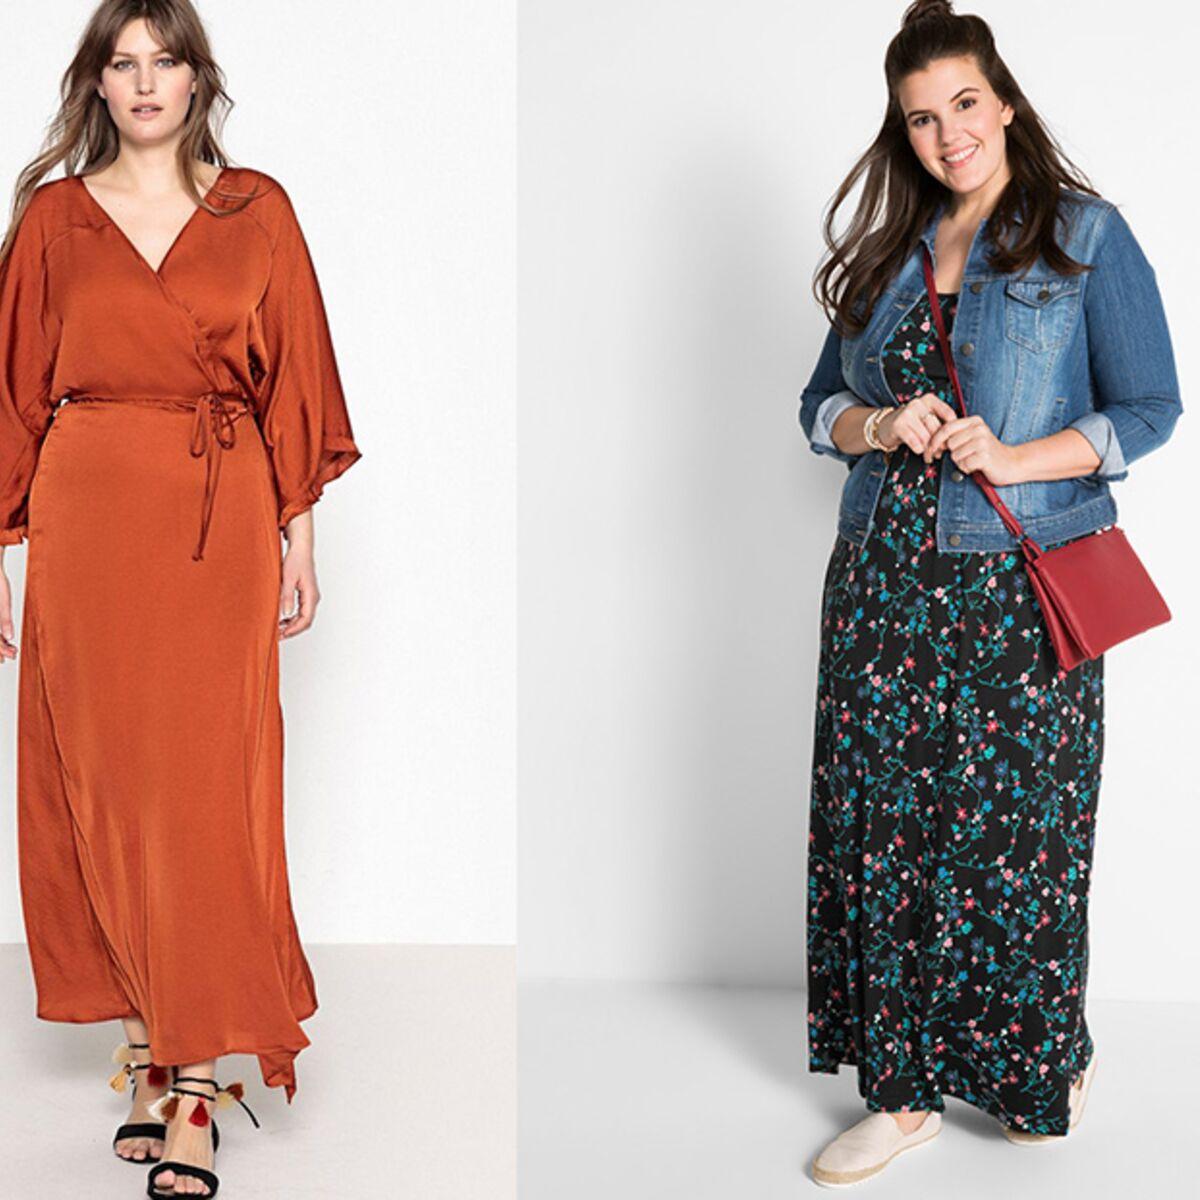 Robe Longue Grande Taille Comment Porter La Robe Longue Quand On Est Ronde Femme Actuelle Le Mag